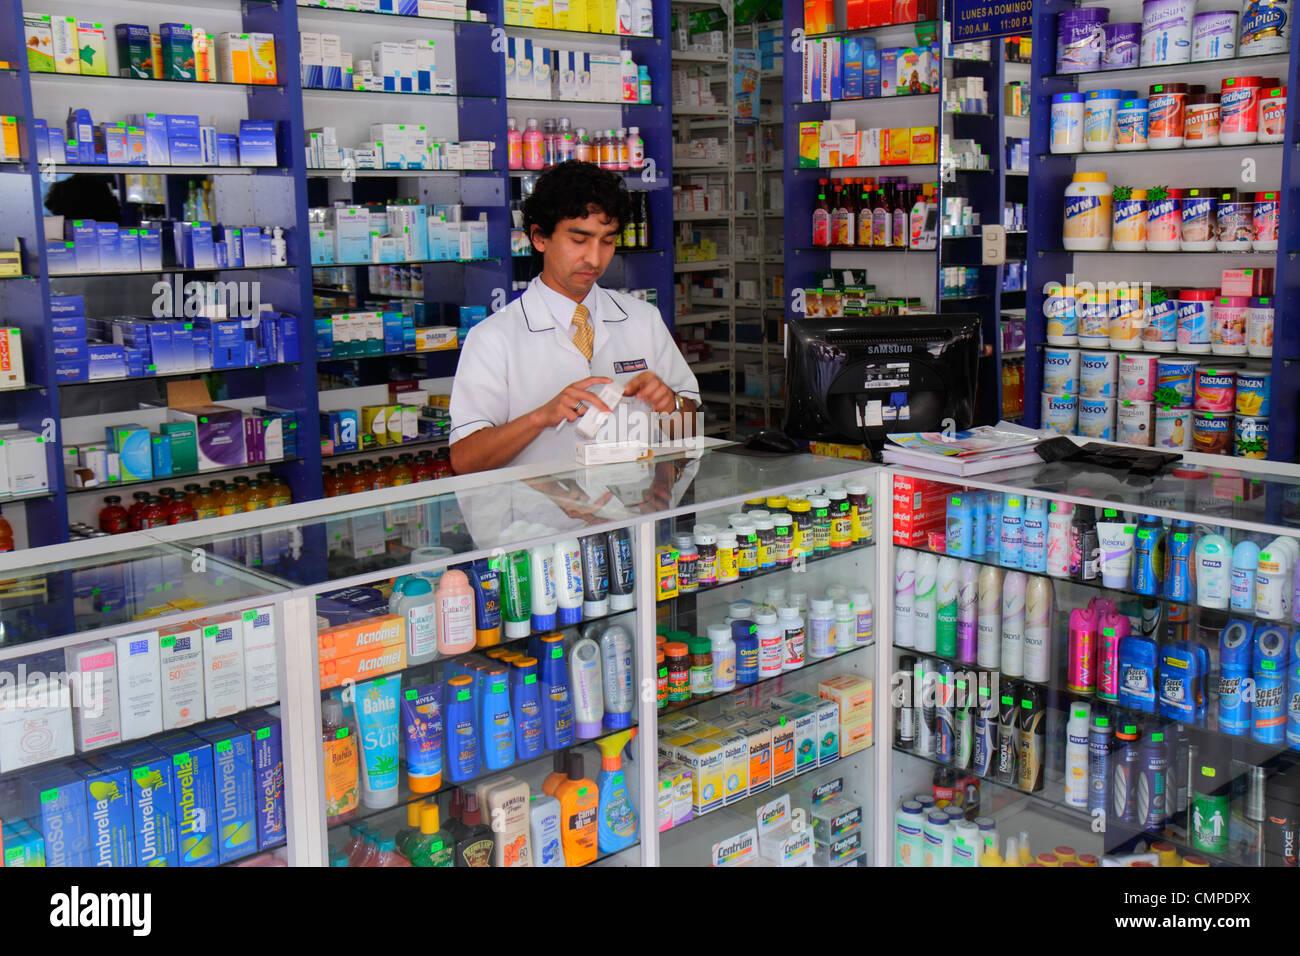 Chemist online shopping